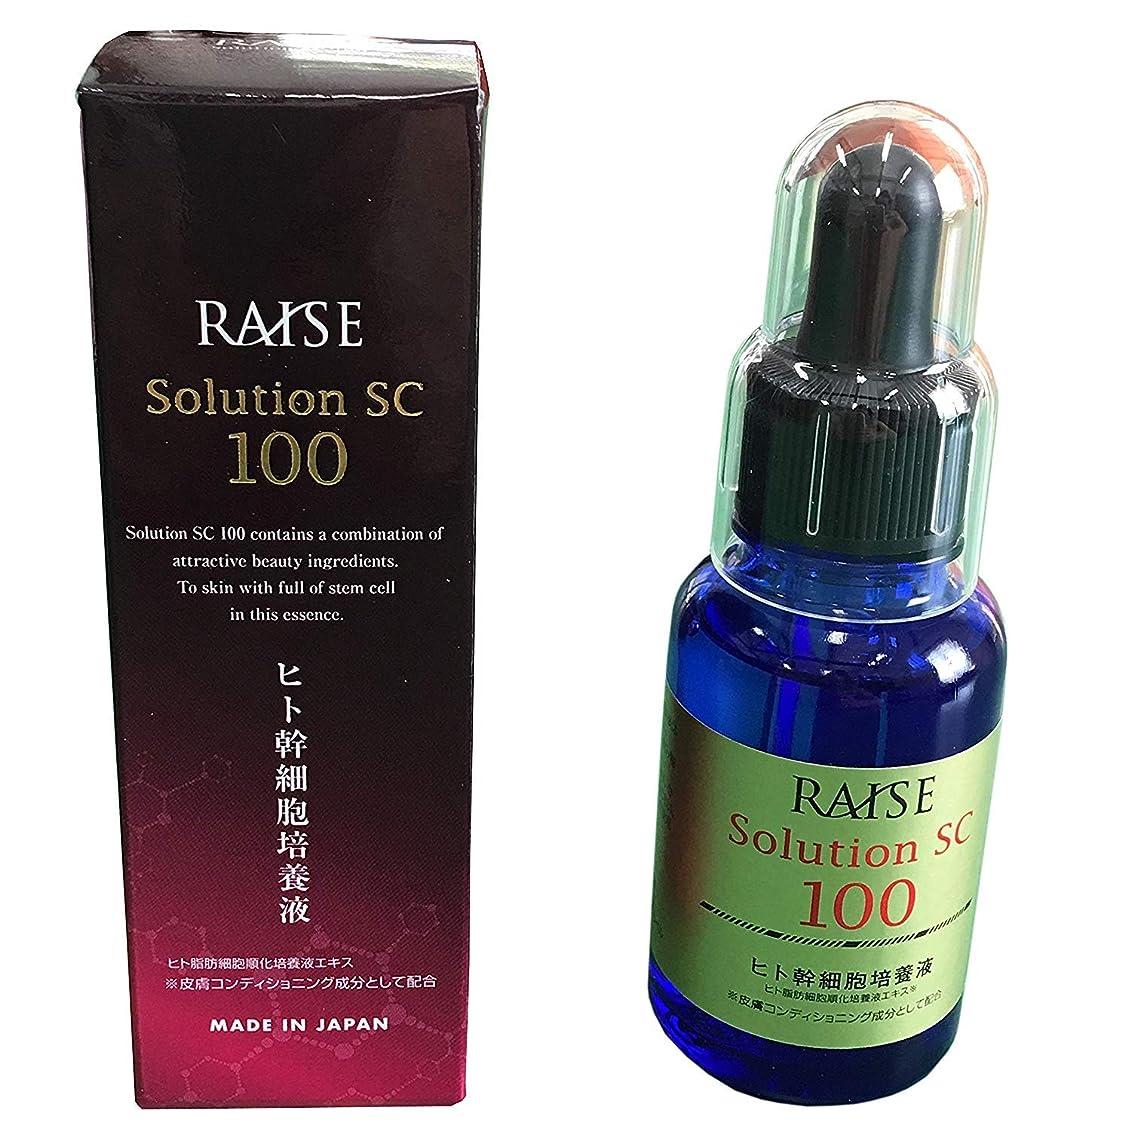 鼻特権武装解除RAISE (レイズ) ソリューション SC100 ヒト幹細胞 + 活性型 FGF 美容液 30ml